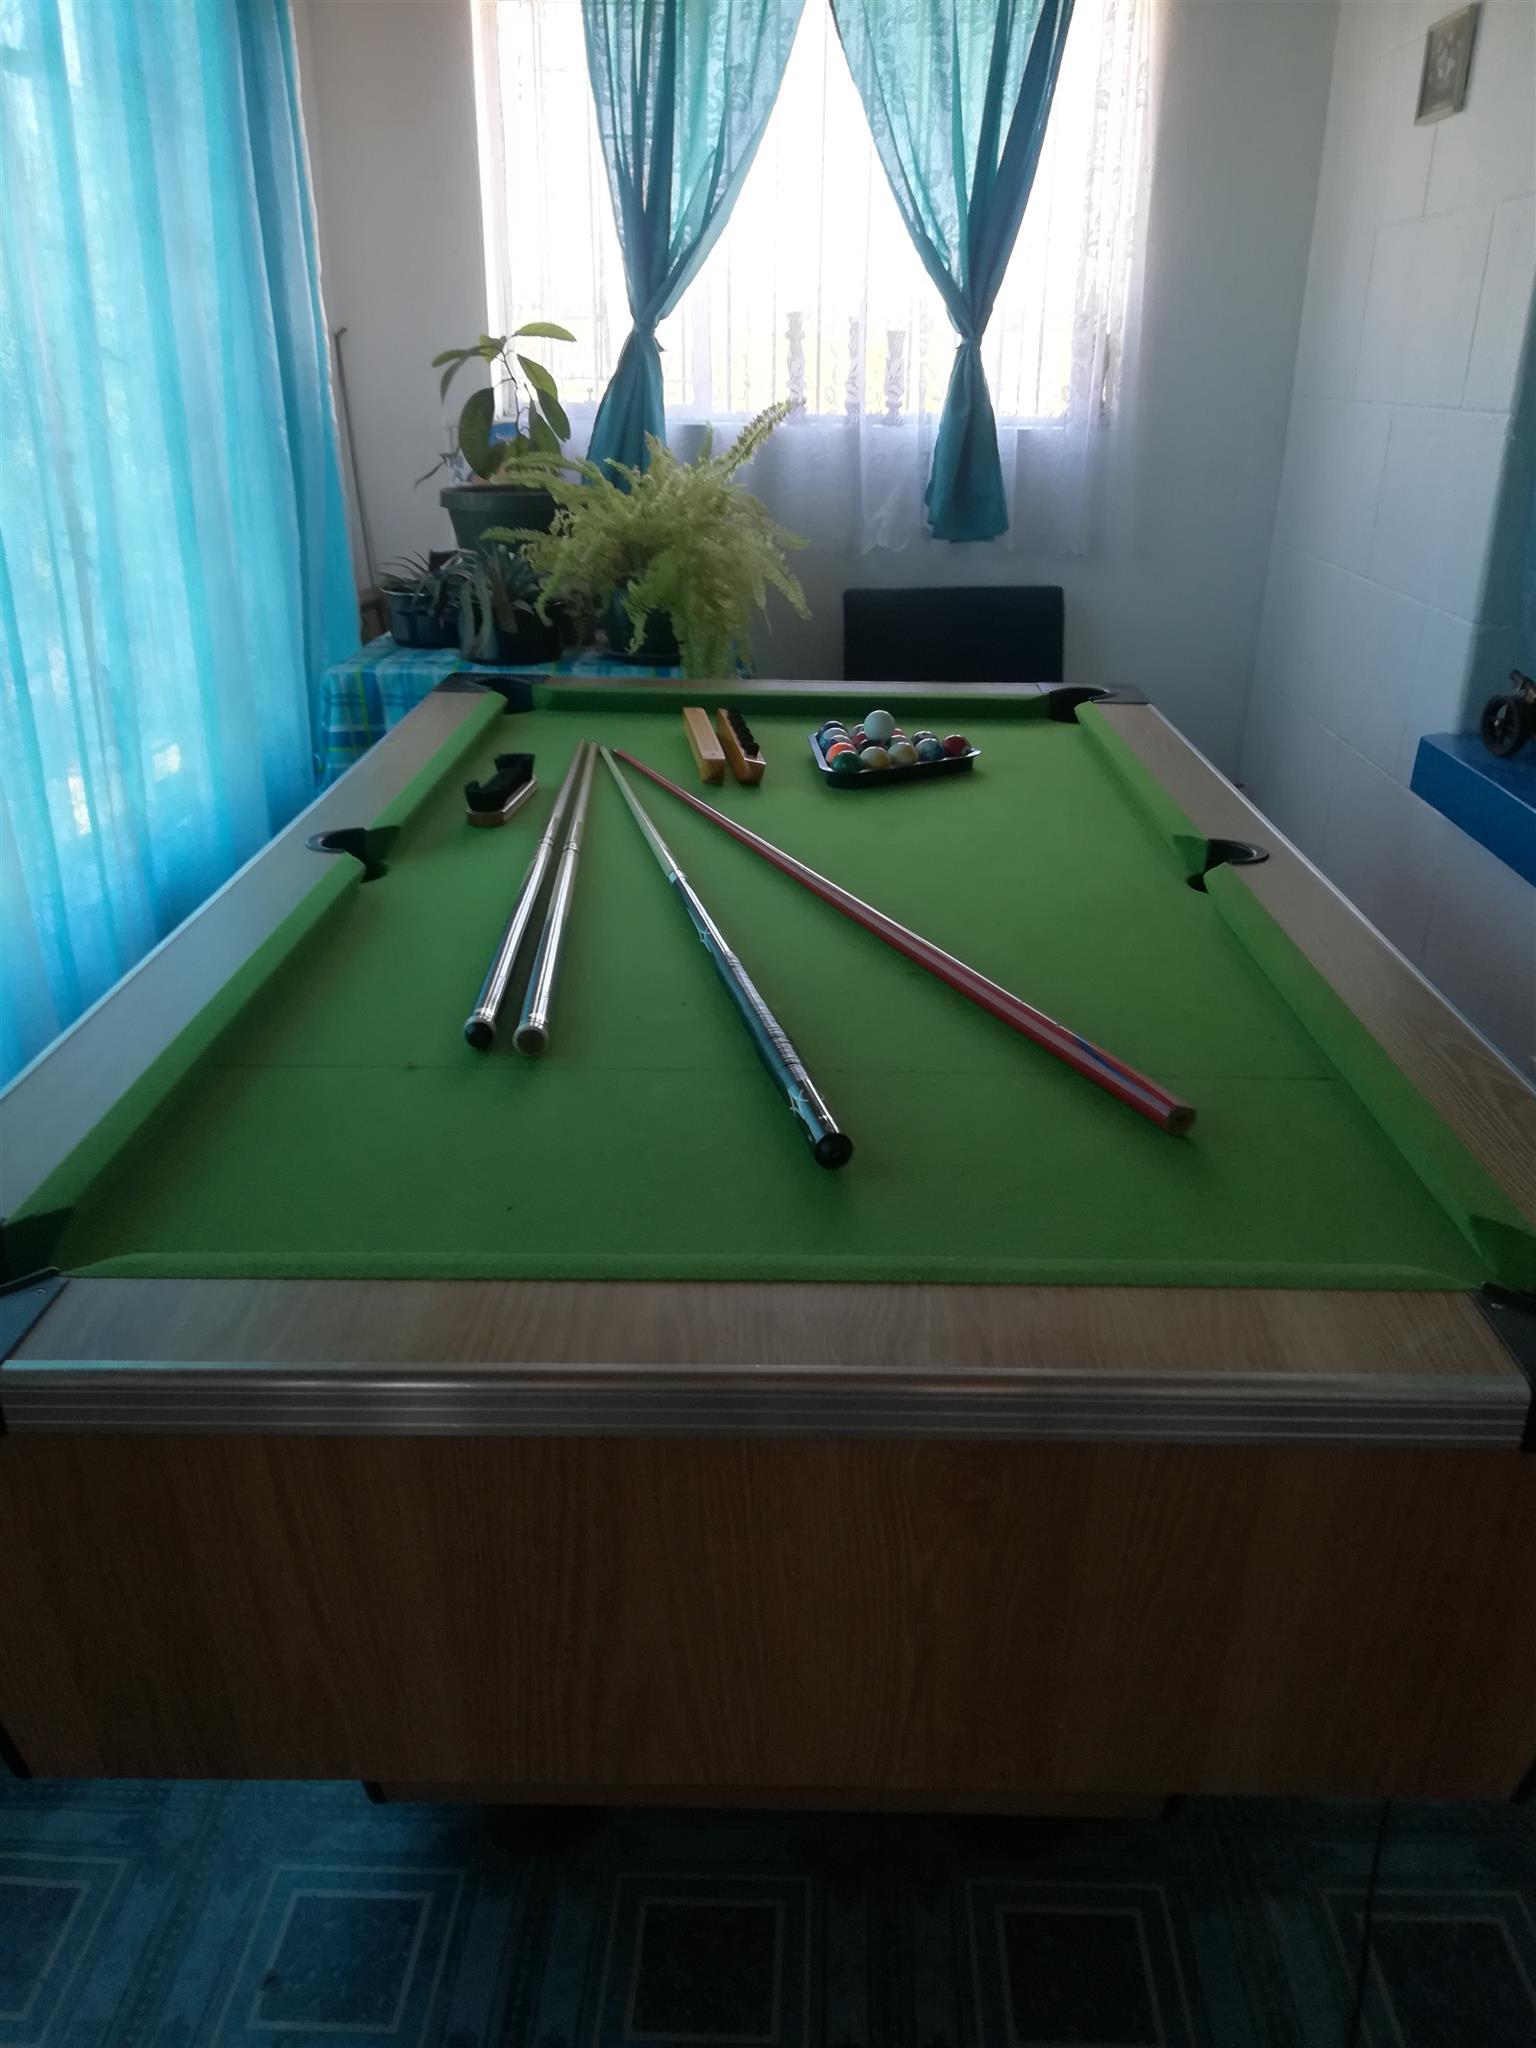 Snoeker pool table